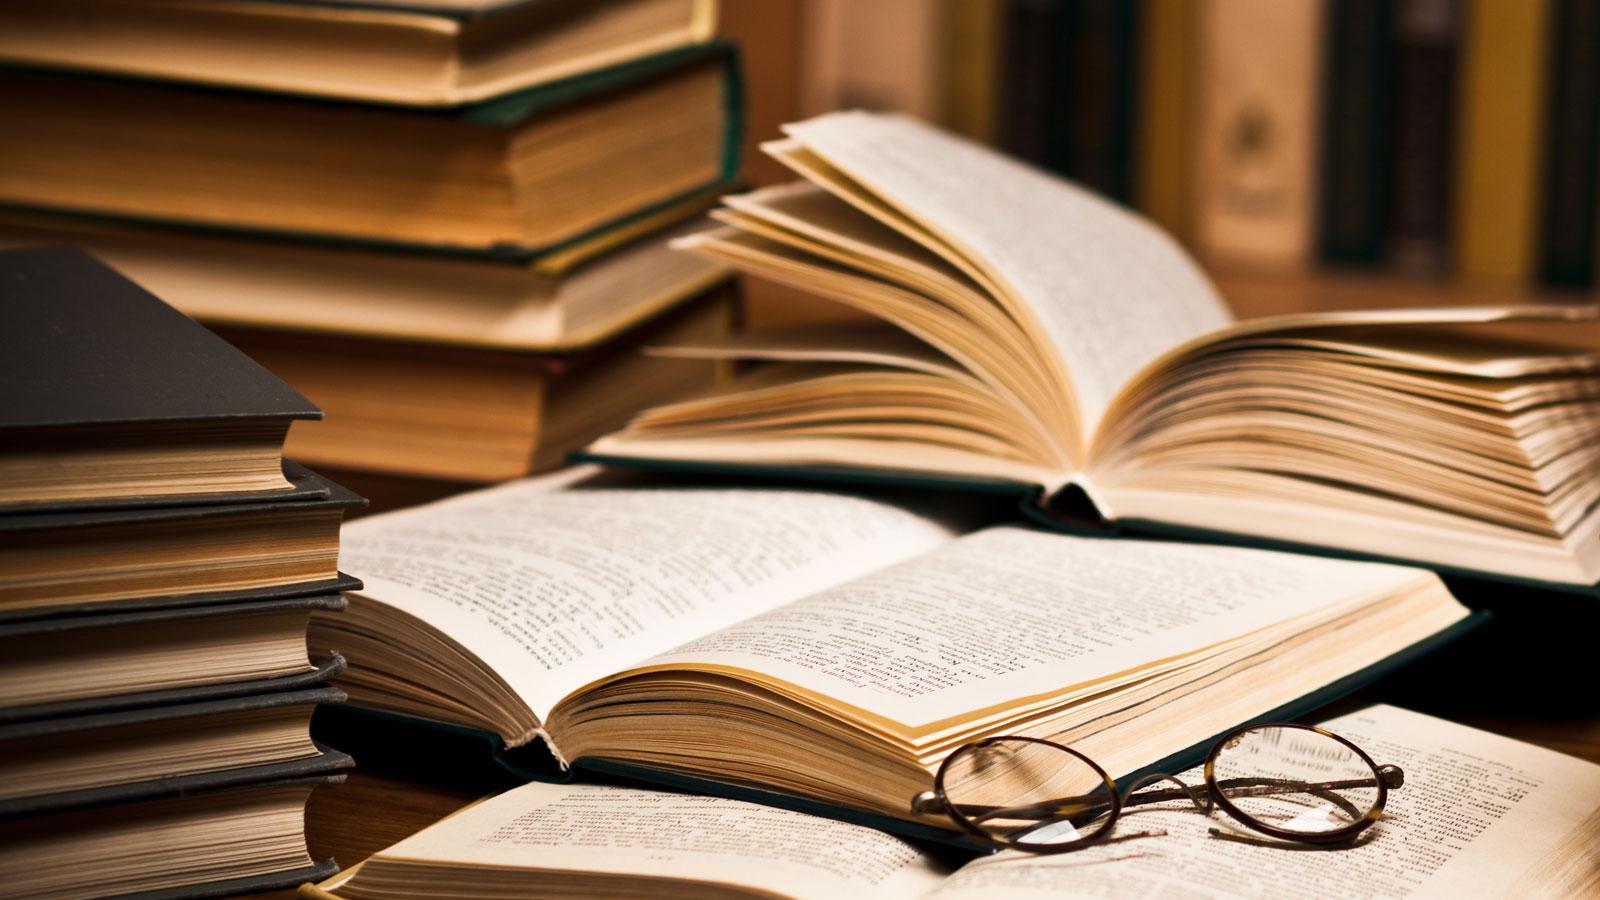 Conforto literário: O que ler na quarentena